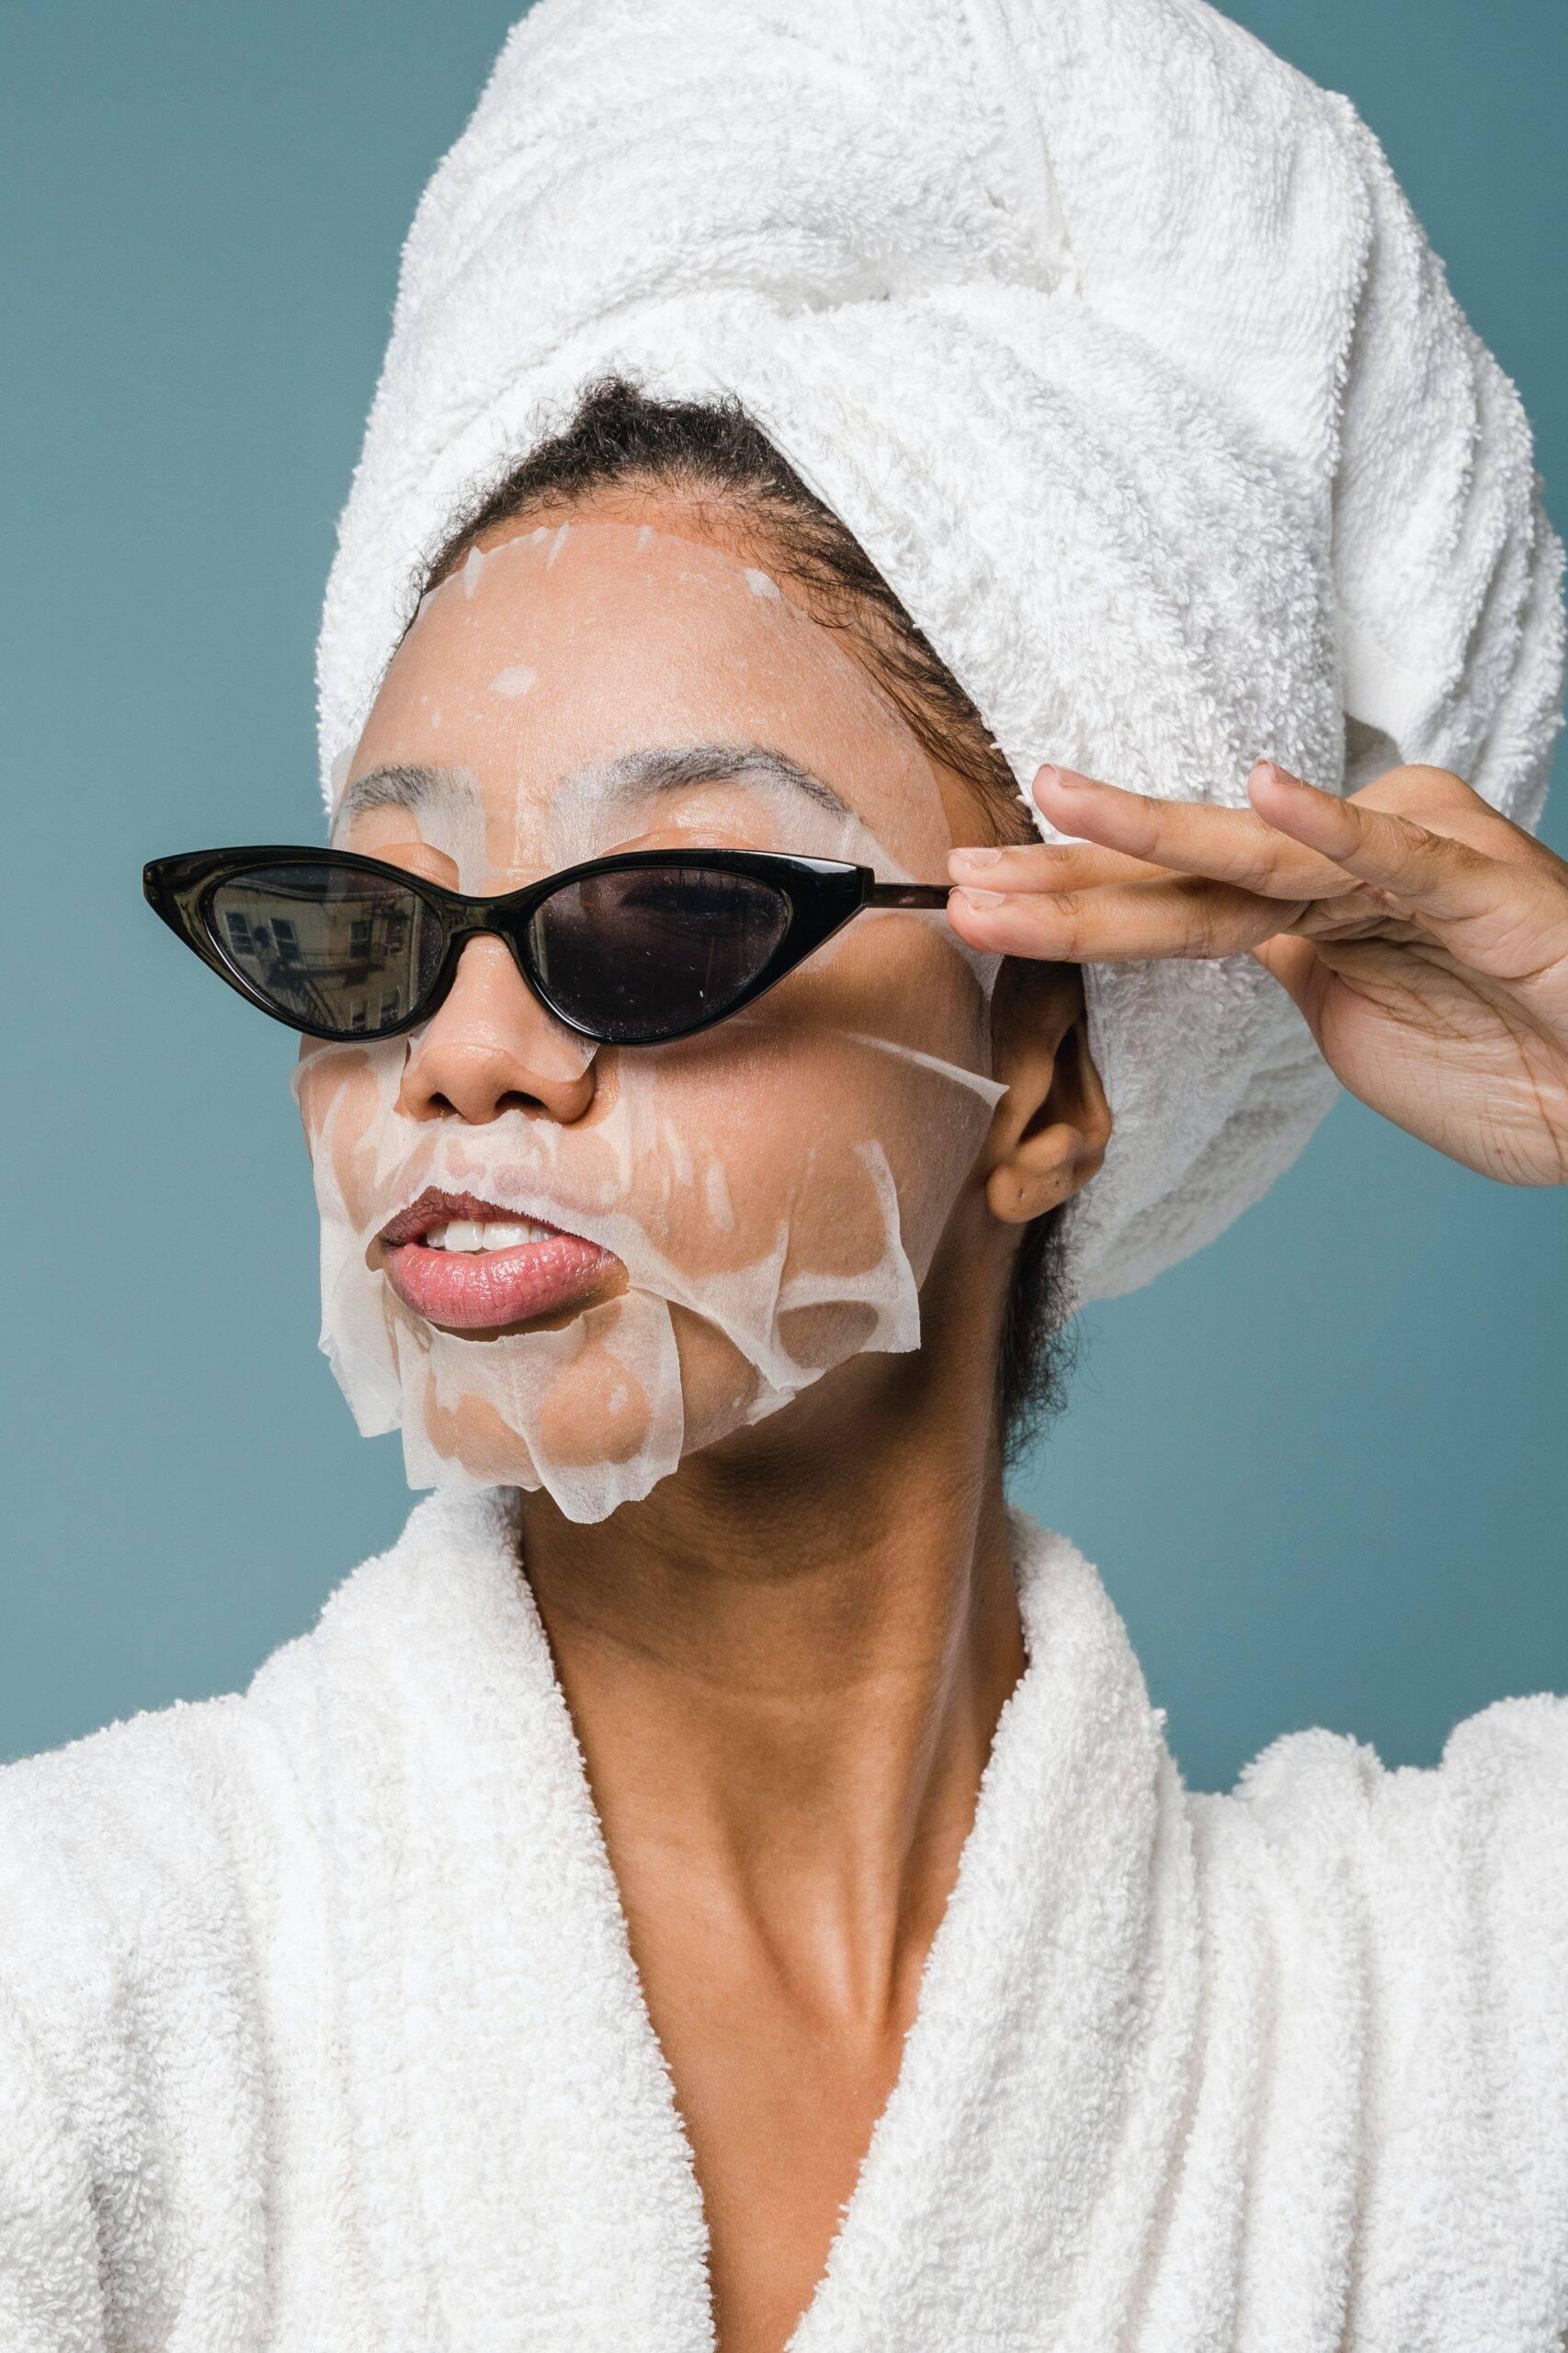 Faça movimentos circulares e tenha controle da força para não agredir a pele. Na área dos olhos, aplique a máscara com bastante cuidado. (Foto: Pexels)